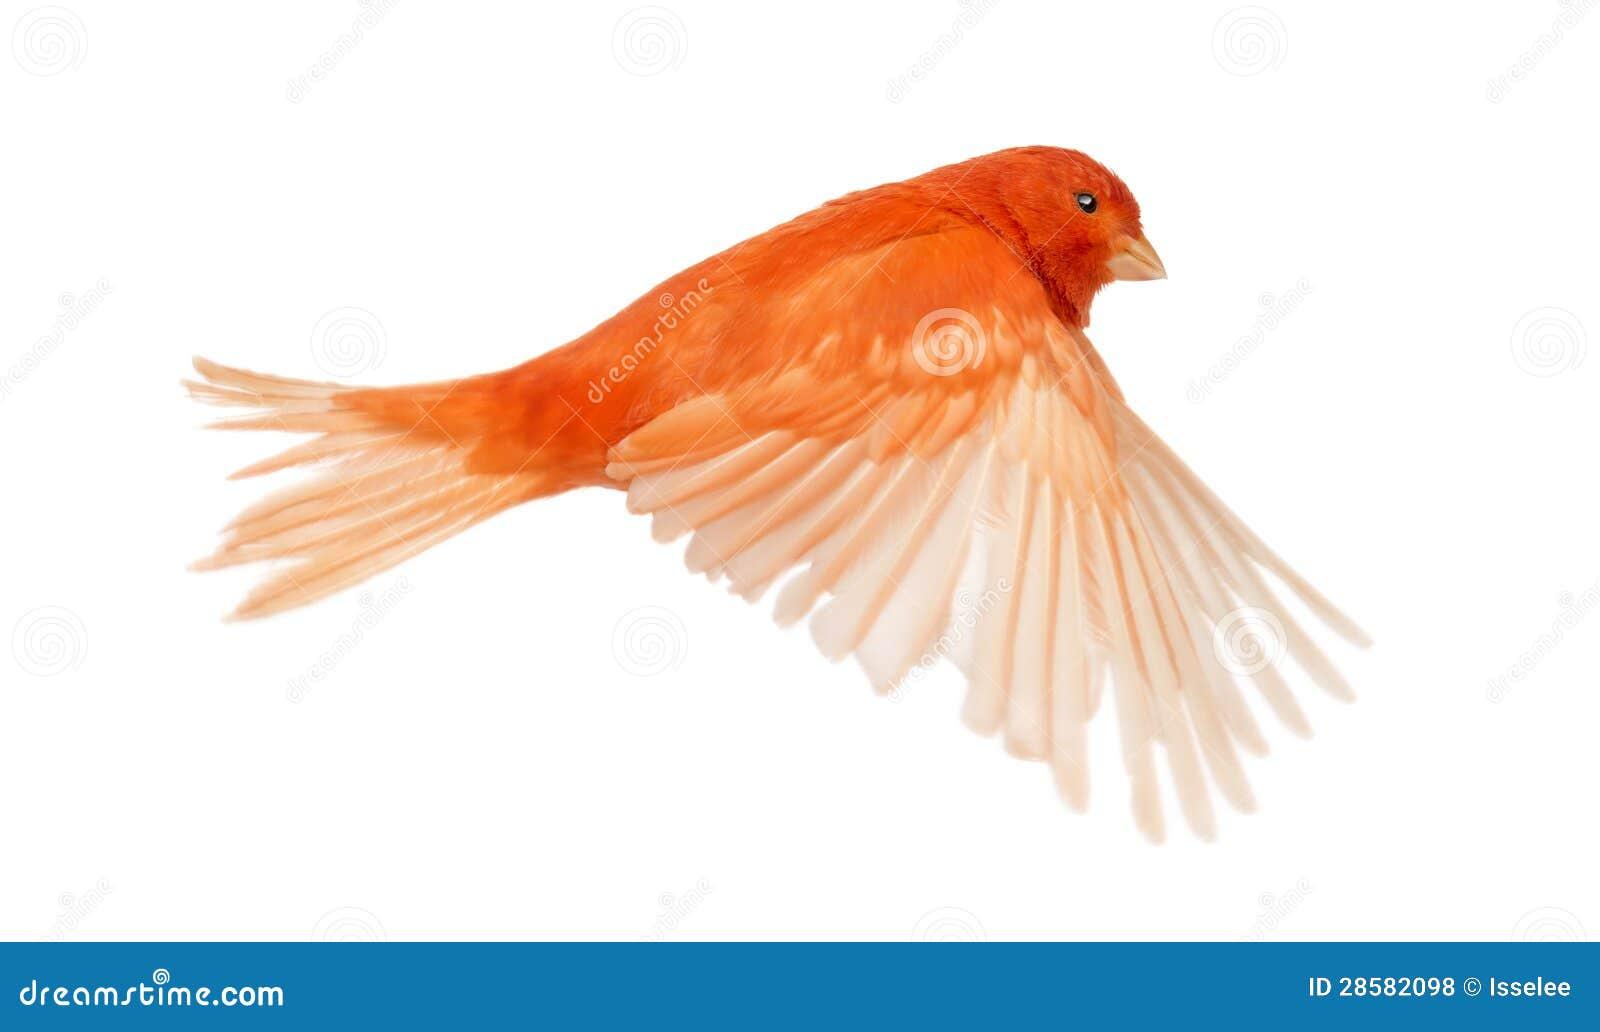 Serinus color giallo canarino rosso canaria, volante